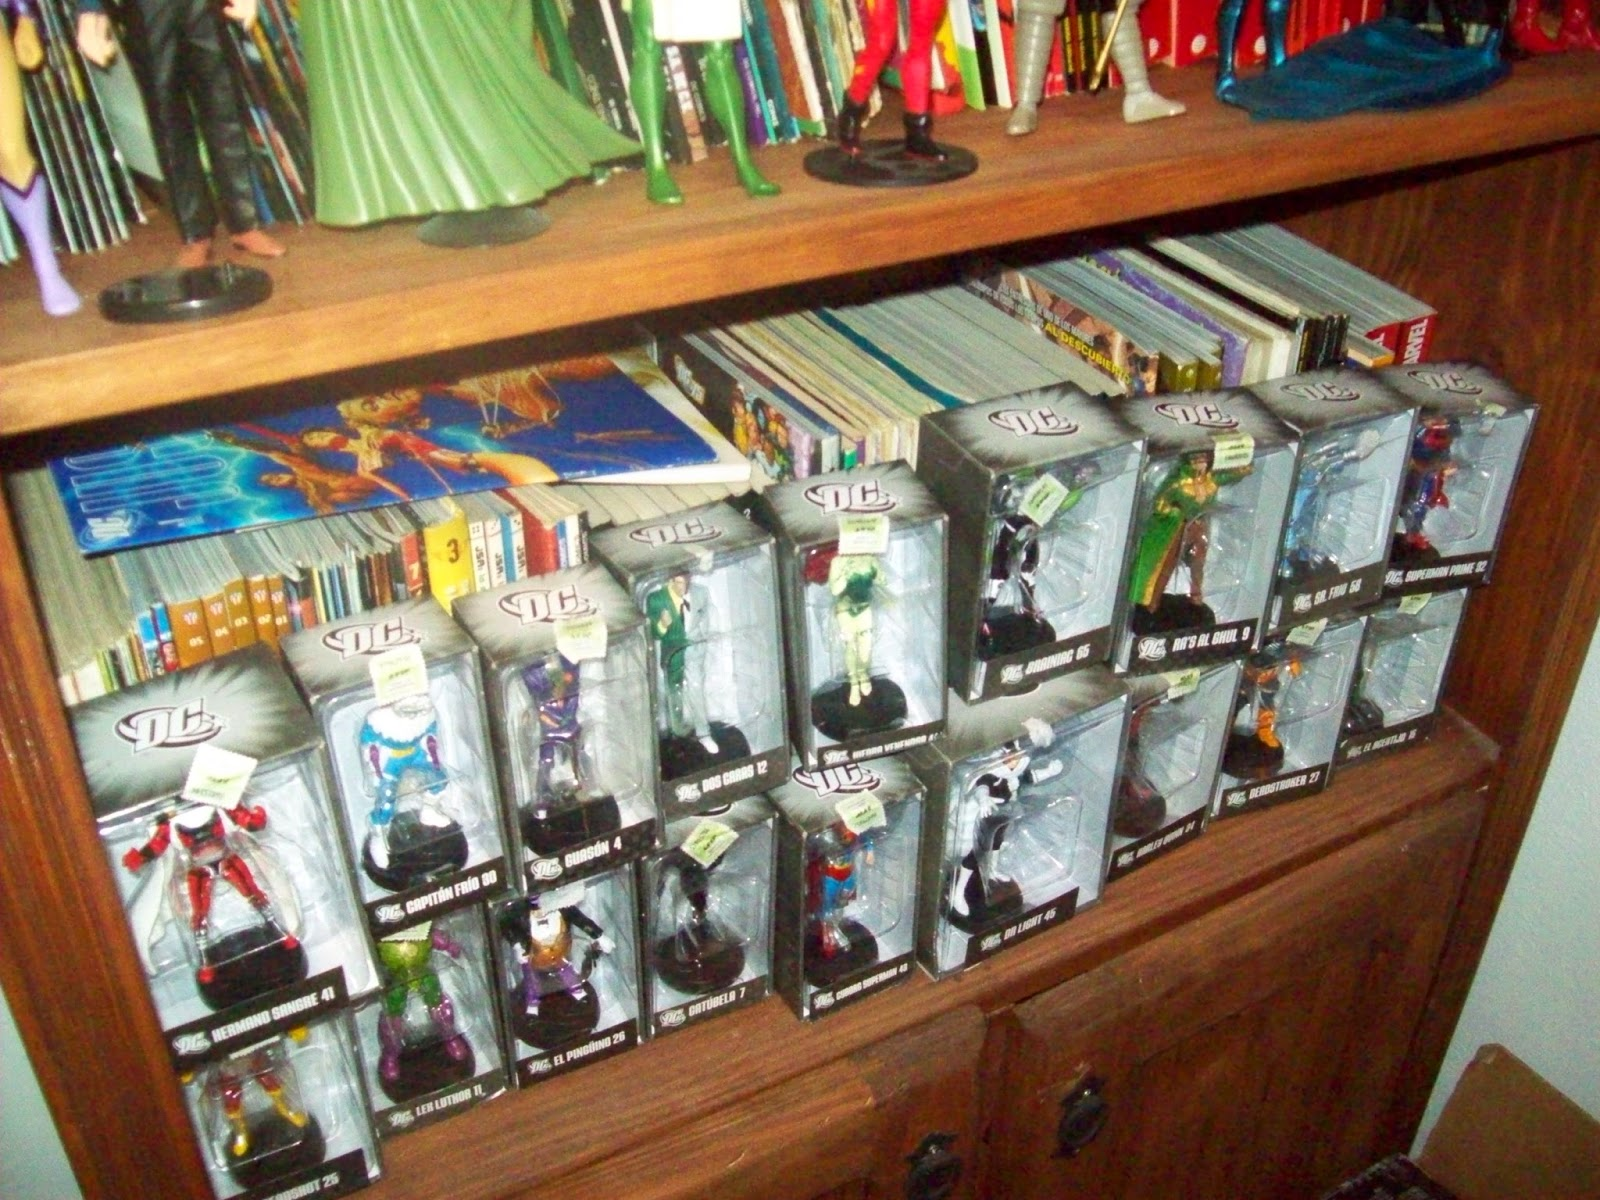 [COMICS] Colecciones de Comics ¿Quién la tiene más grande?  - Página 6 100_5556